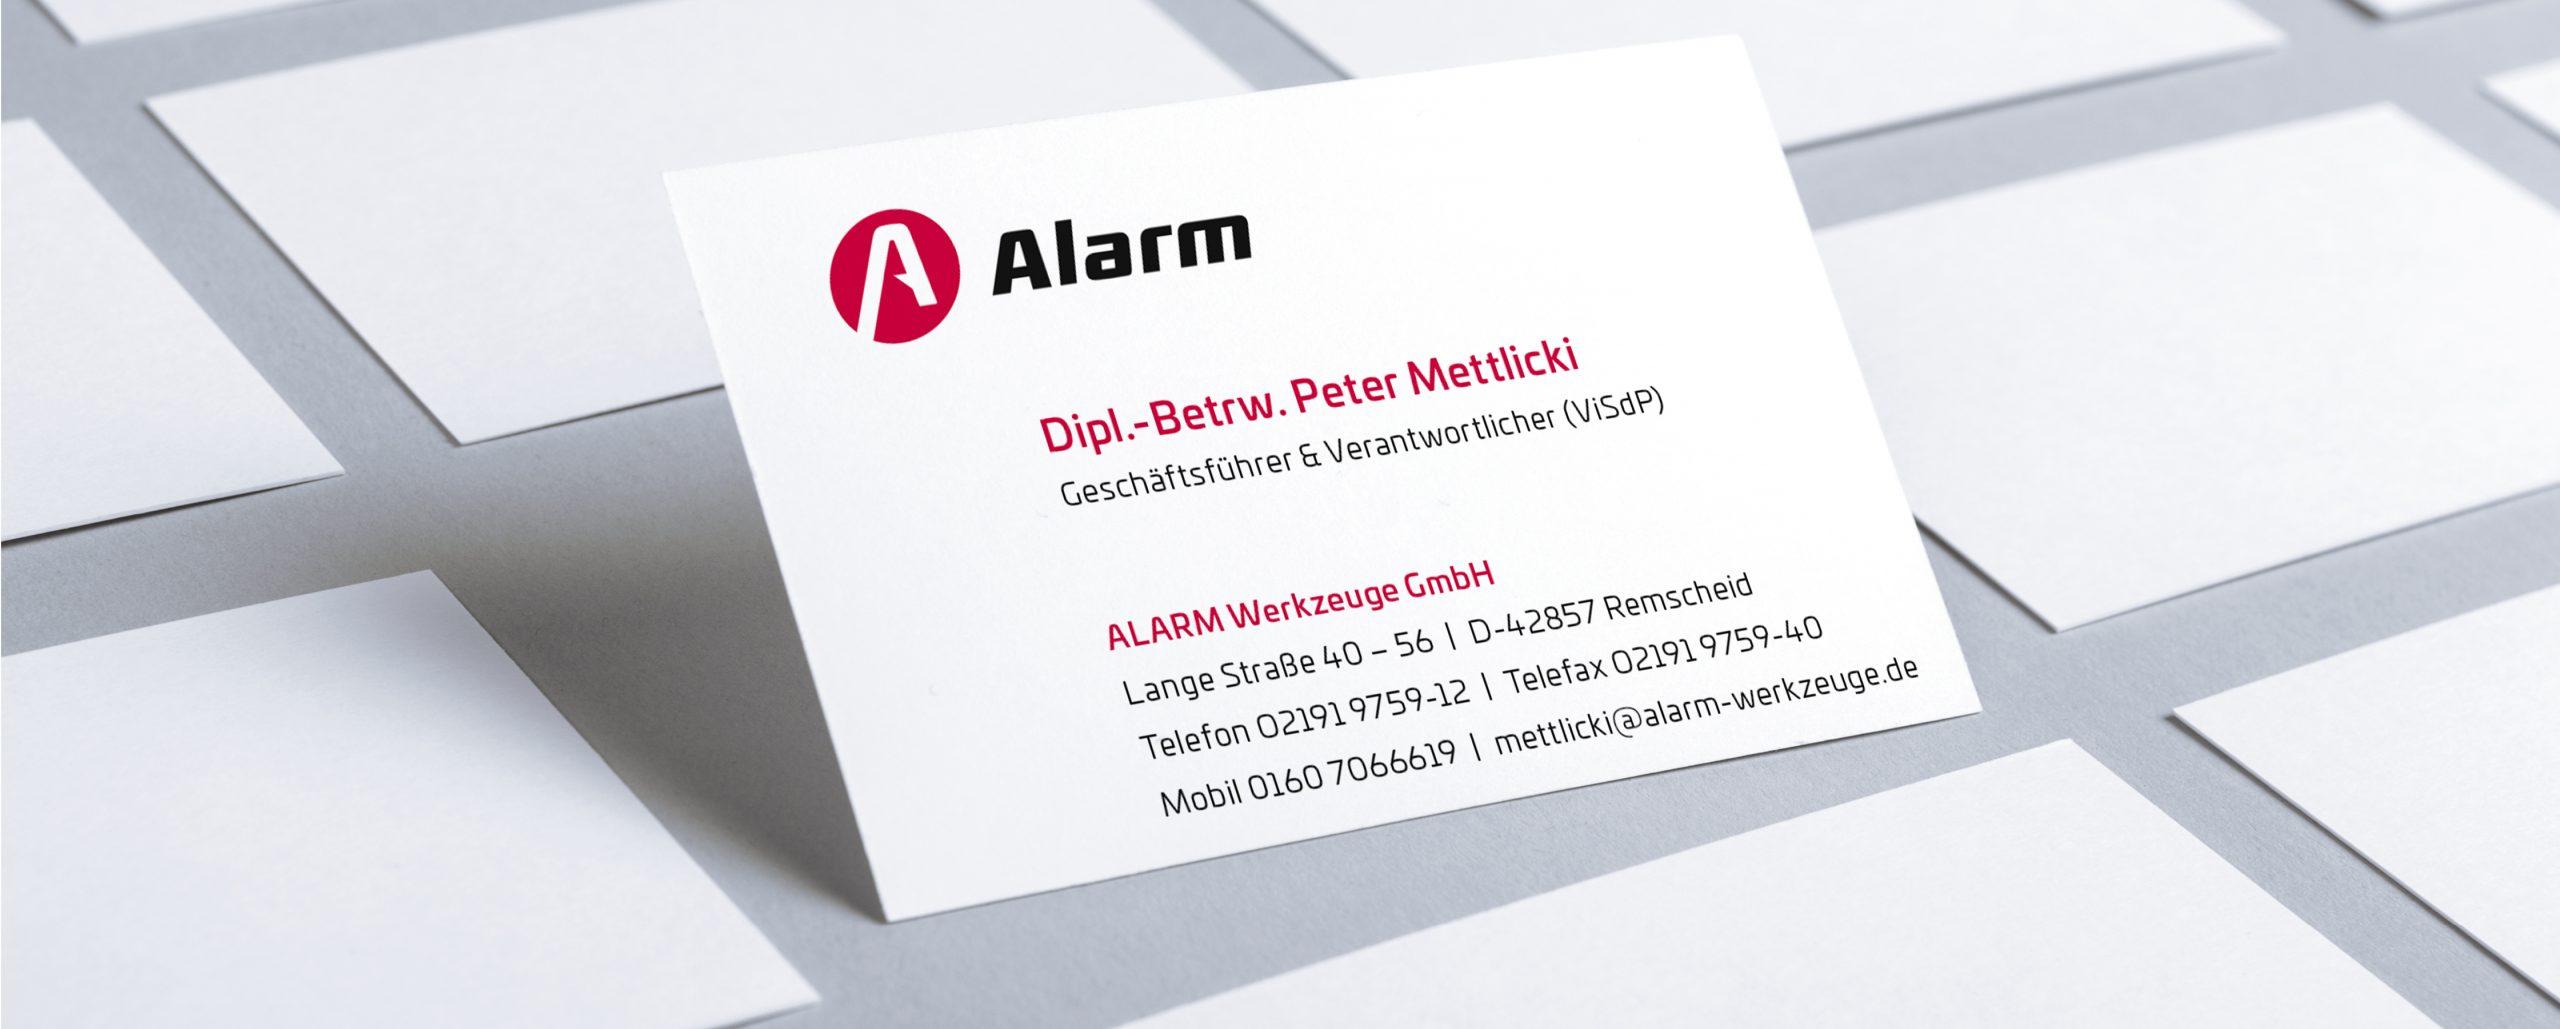 Alarm Werkzeuge: Corporate Design-Entwicklung von Bosbach, Geschäftsdrucksachen-Design